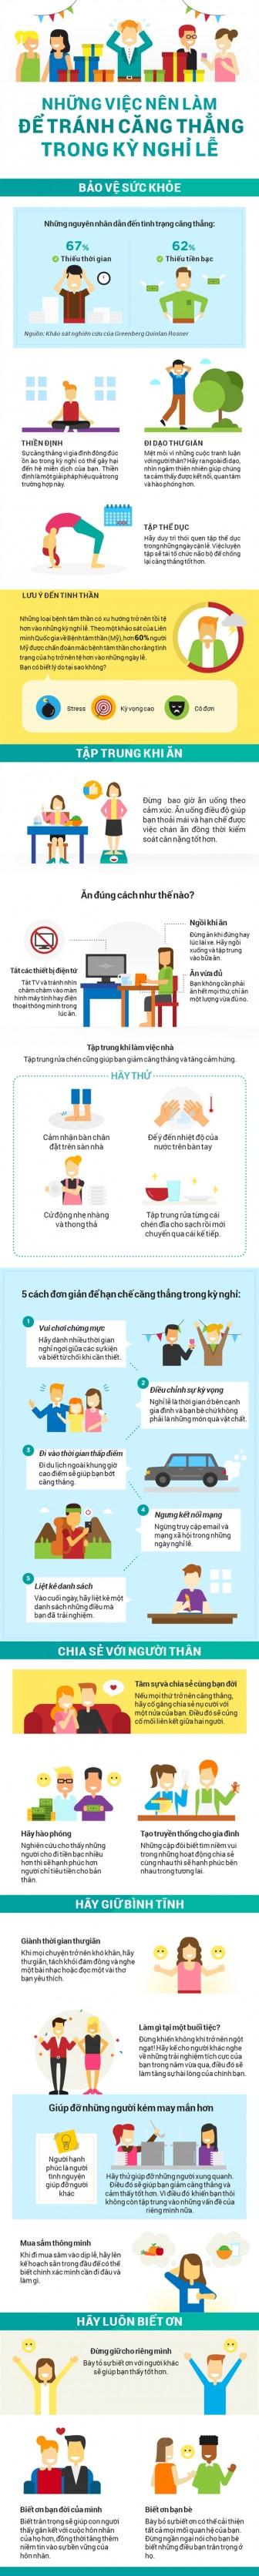 Nếu bạn đang căng thẳng trong kỳ nghỉ lễ, hãy làm ngay những việc này